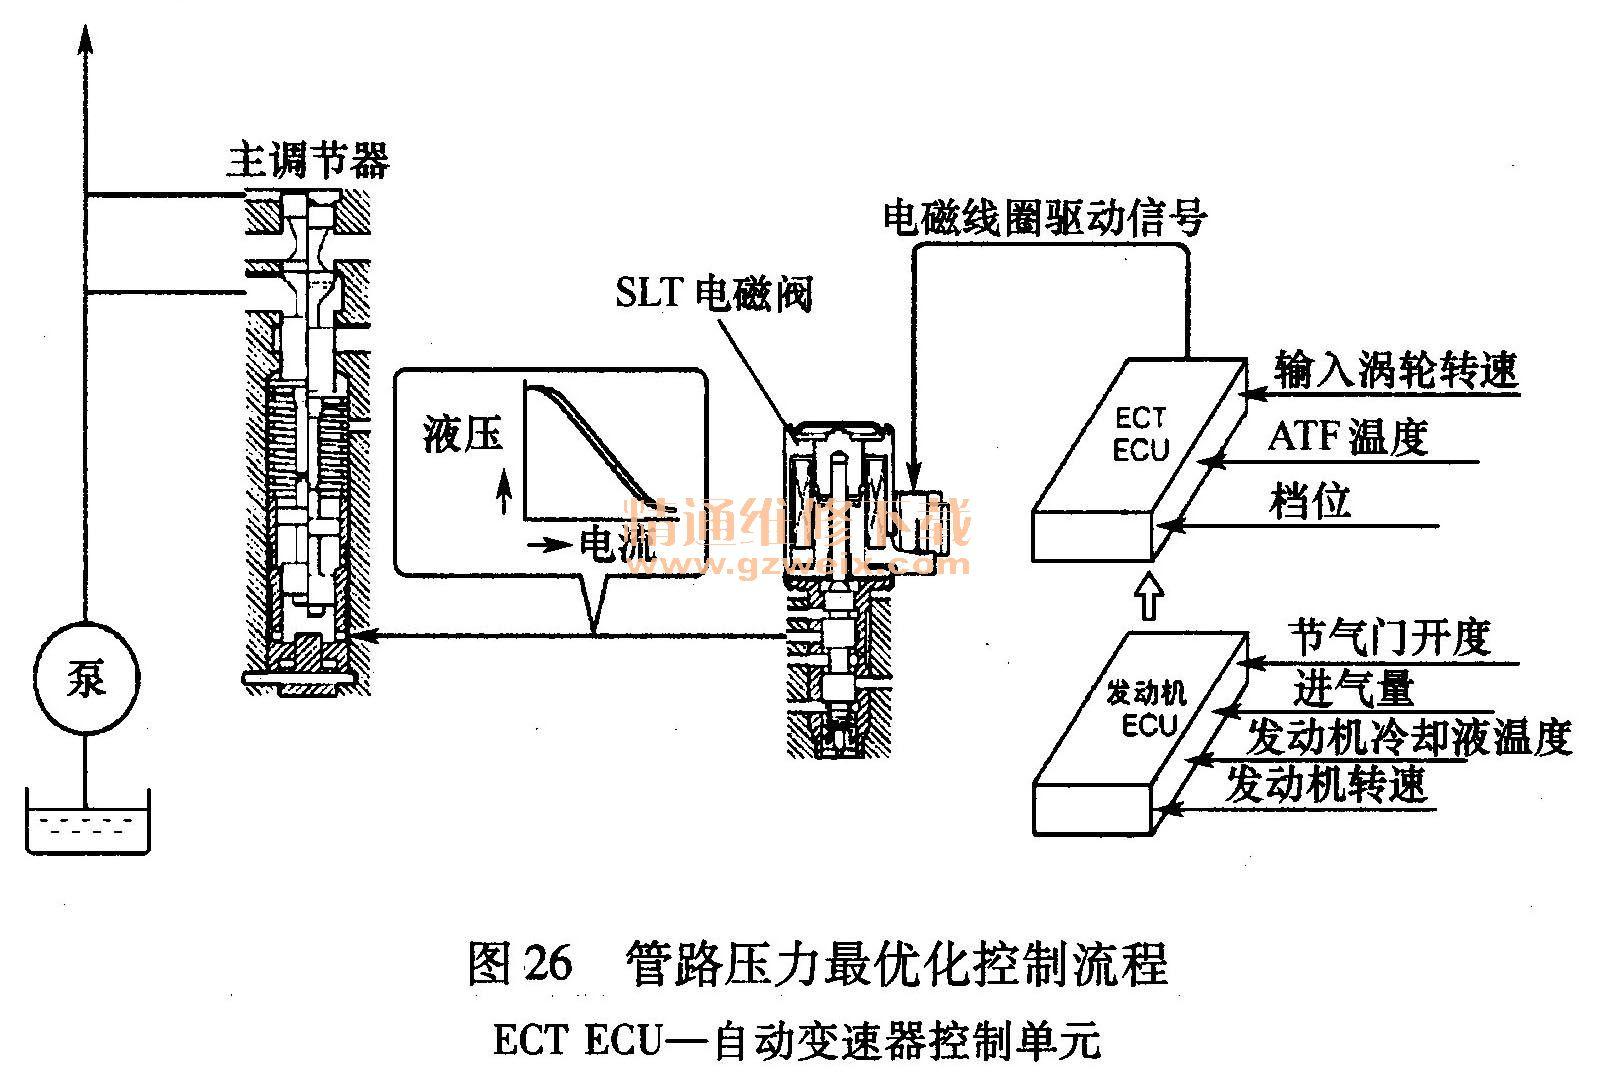 (3)电子控制系统 U660E型自动变速器电子控制系统框架图见图19。  1)自动变速器控制单元(ECT ECU)。该控制单元装在自动变速器(传动桥)上,自动变速器的所有传感器和电磁阀都与该控制单元相连。该控制单元通过CAN与发动机控制单元通信。在自动变速器上部贴有印了自动变速器补偿值和QR(快速应答)代码的标签。此标签包括代码化的自动变速器专用信息。更换自动变速器时,用诊断仪将自动变速器补偿值输入到自动变速器控制单元中,以便改善换档控制性能。U660E型自动变速器控制单元和QR代码见图20。  2) A